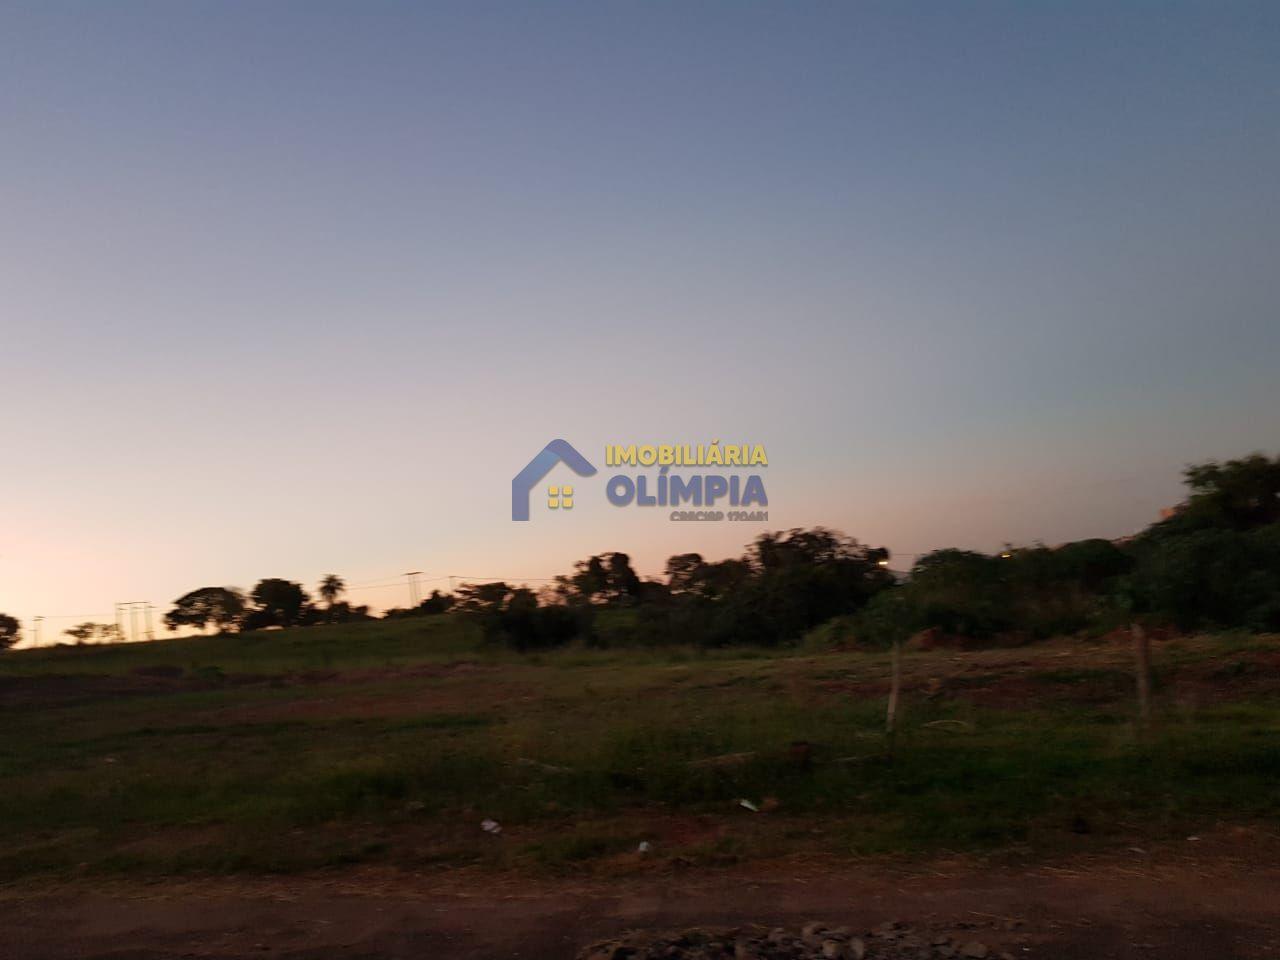 Terreno/Lote à venda, 1.500 m² por R$ 450.000,00